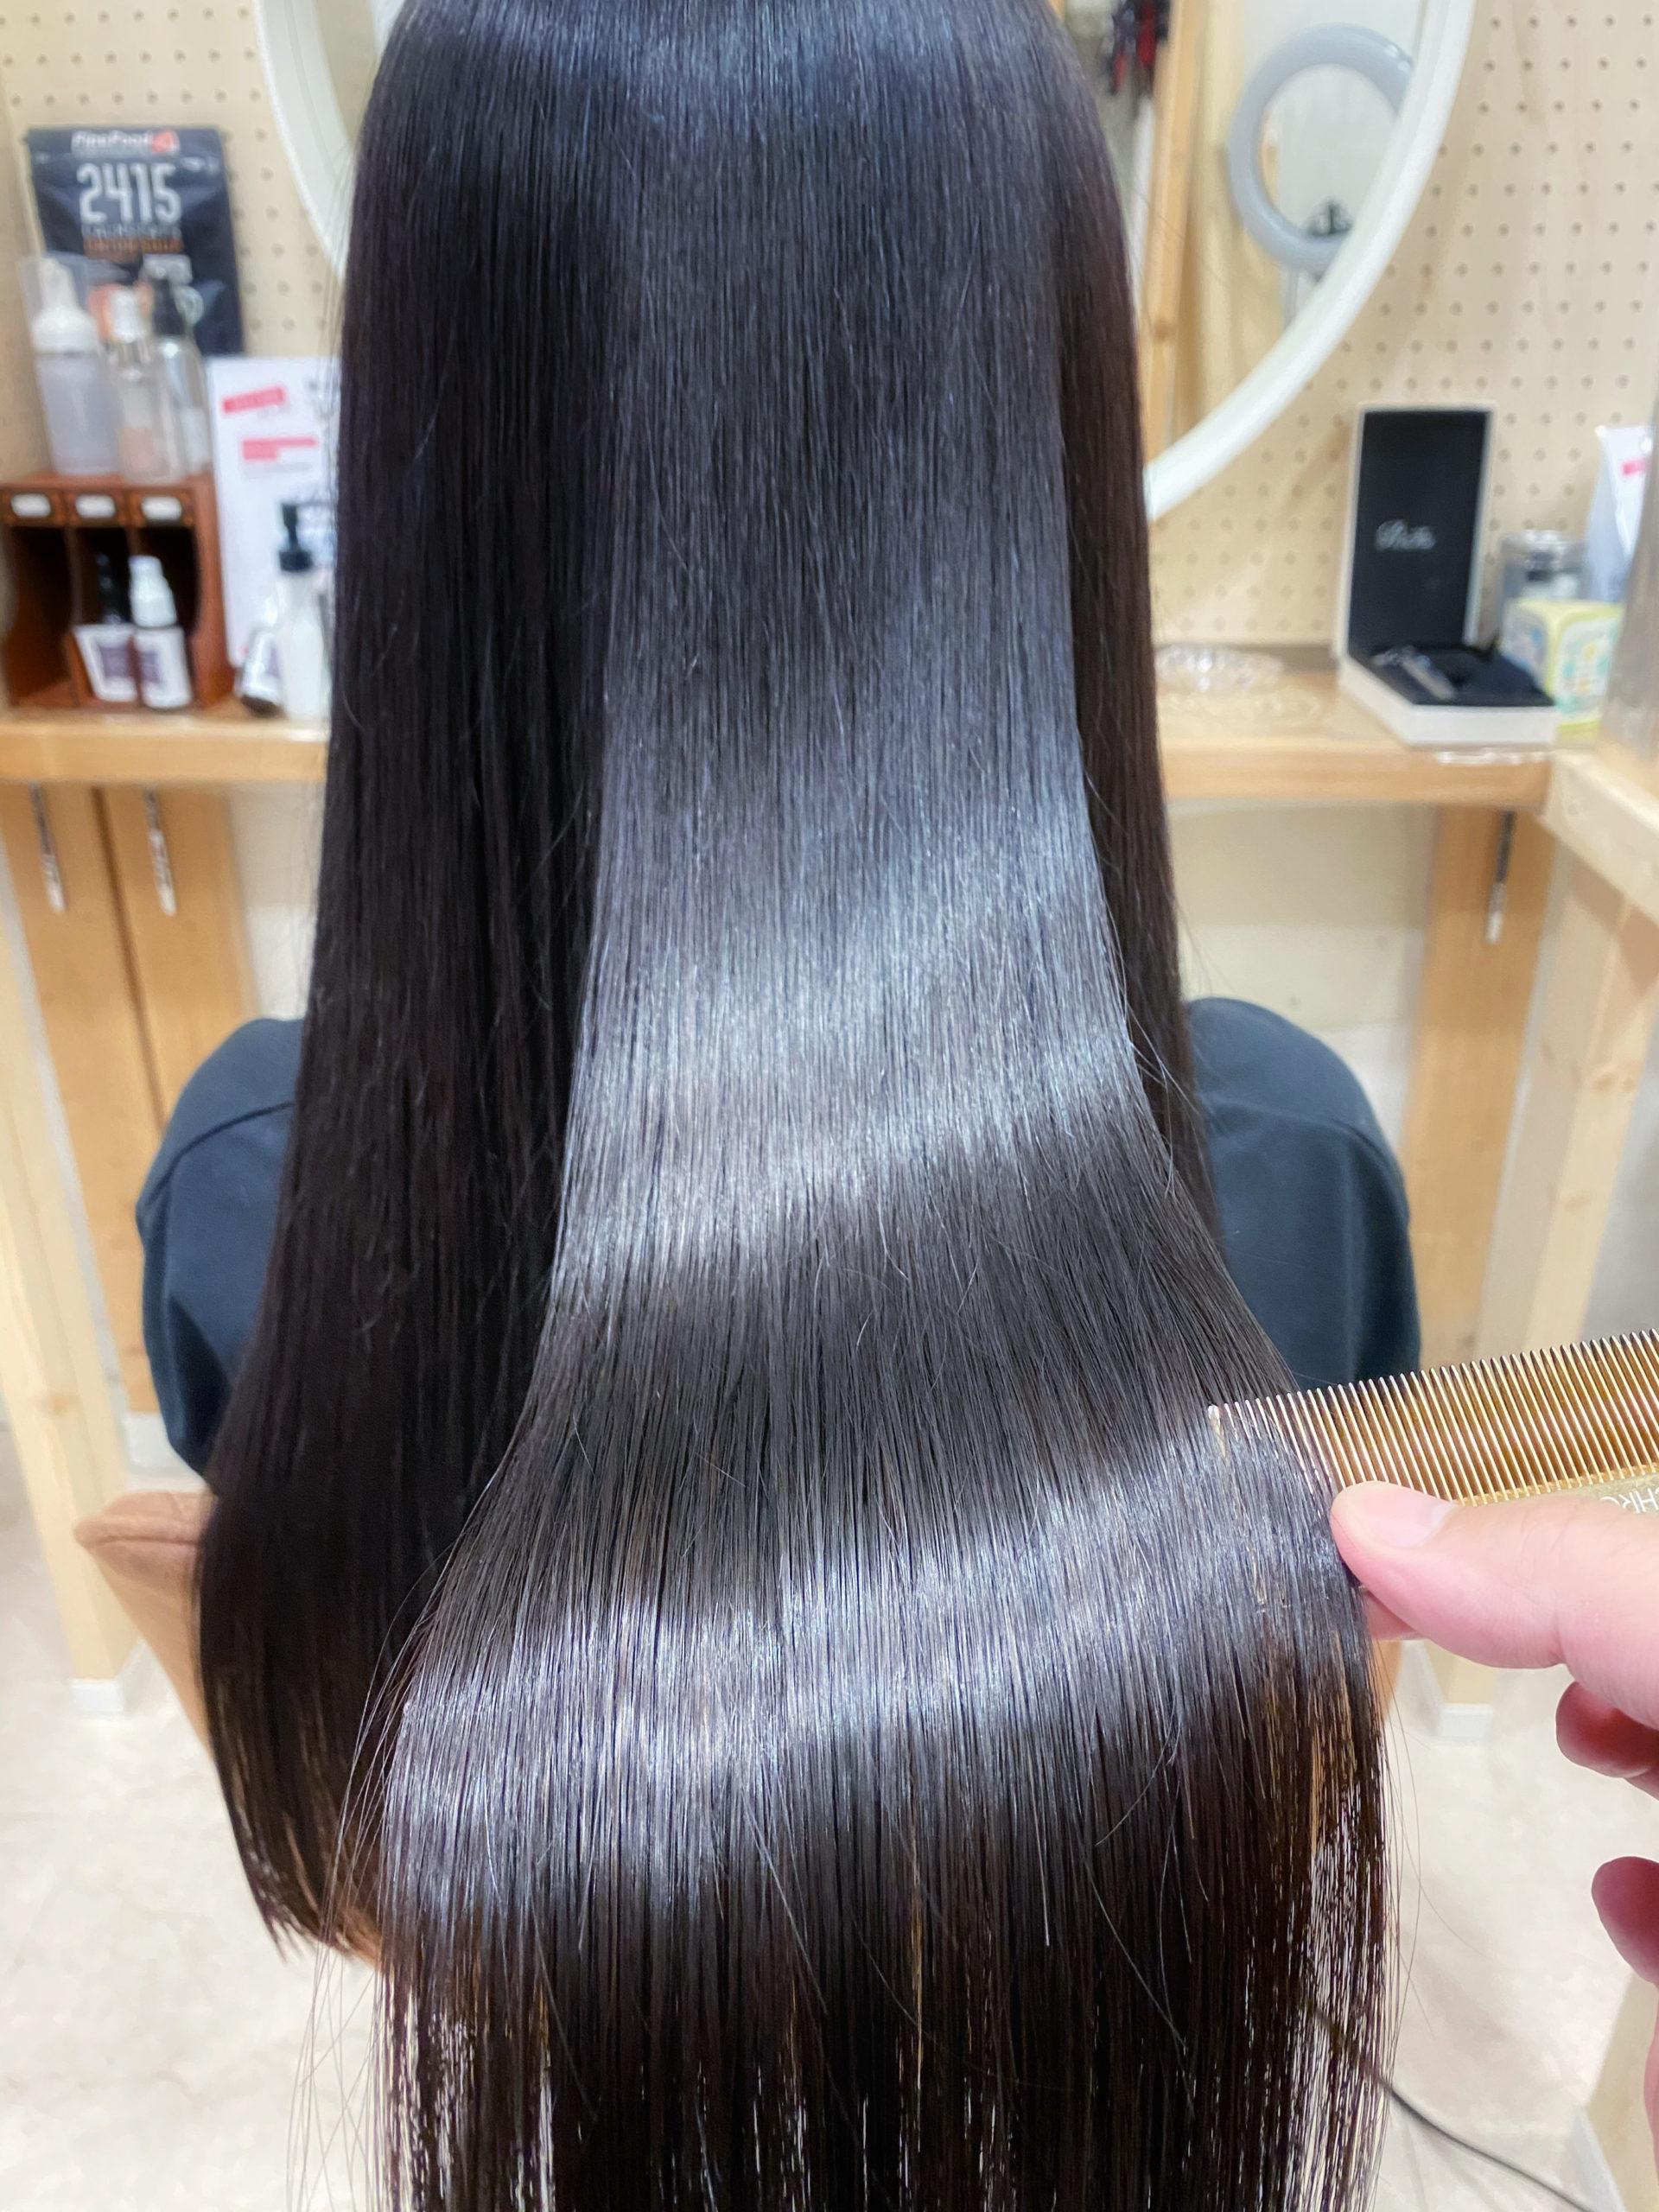 LULUトリートメント×縮毛矯正で毛先まで艶髪ストレートヘア。原宿・表参道『髪のお悩みを解決するヘアケア美容師の挑戦』